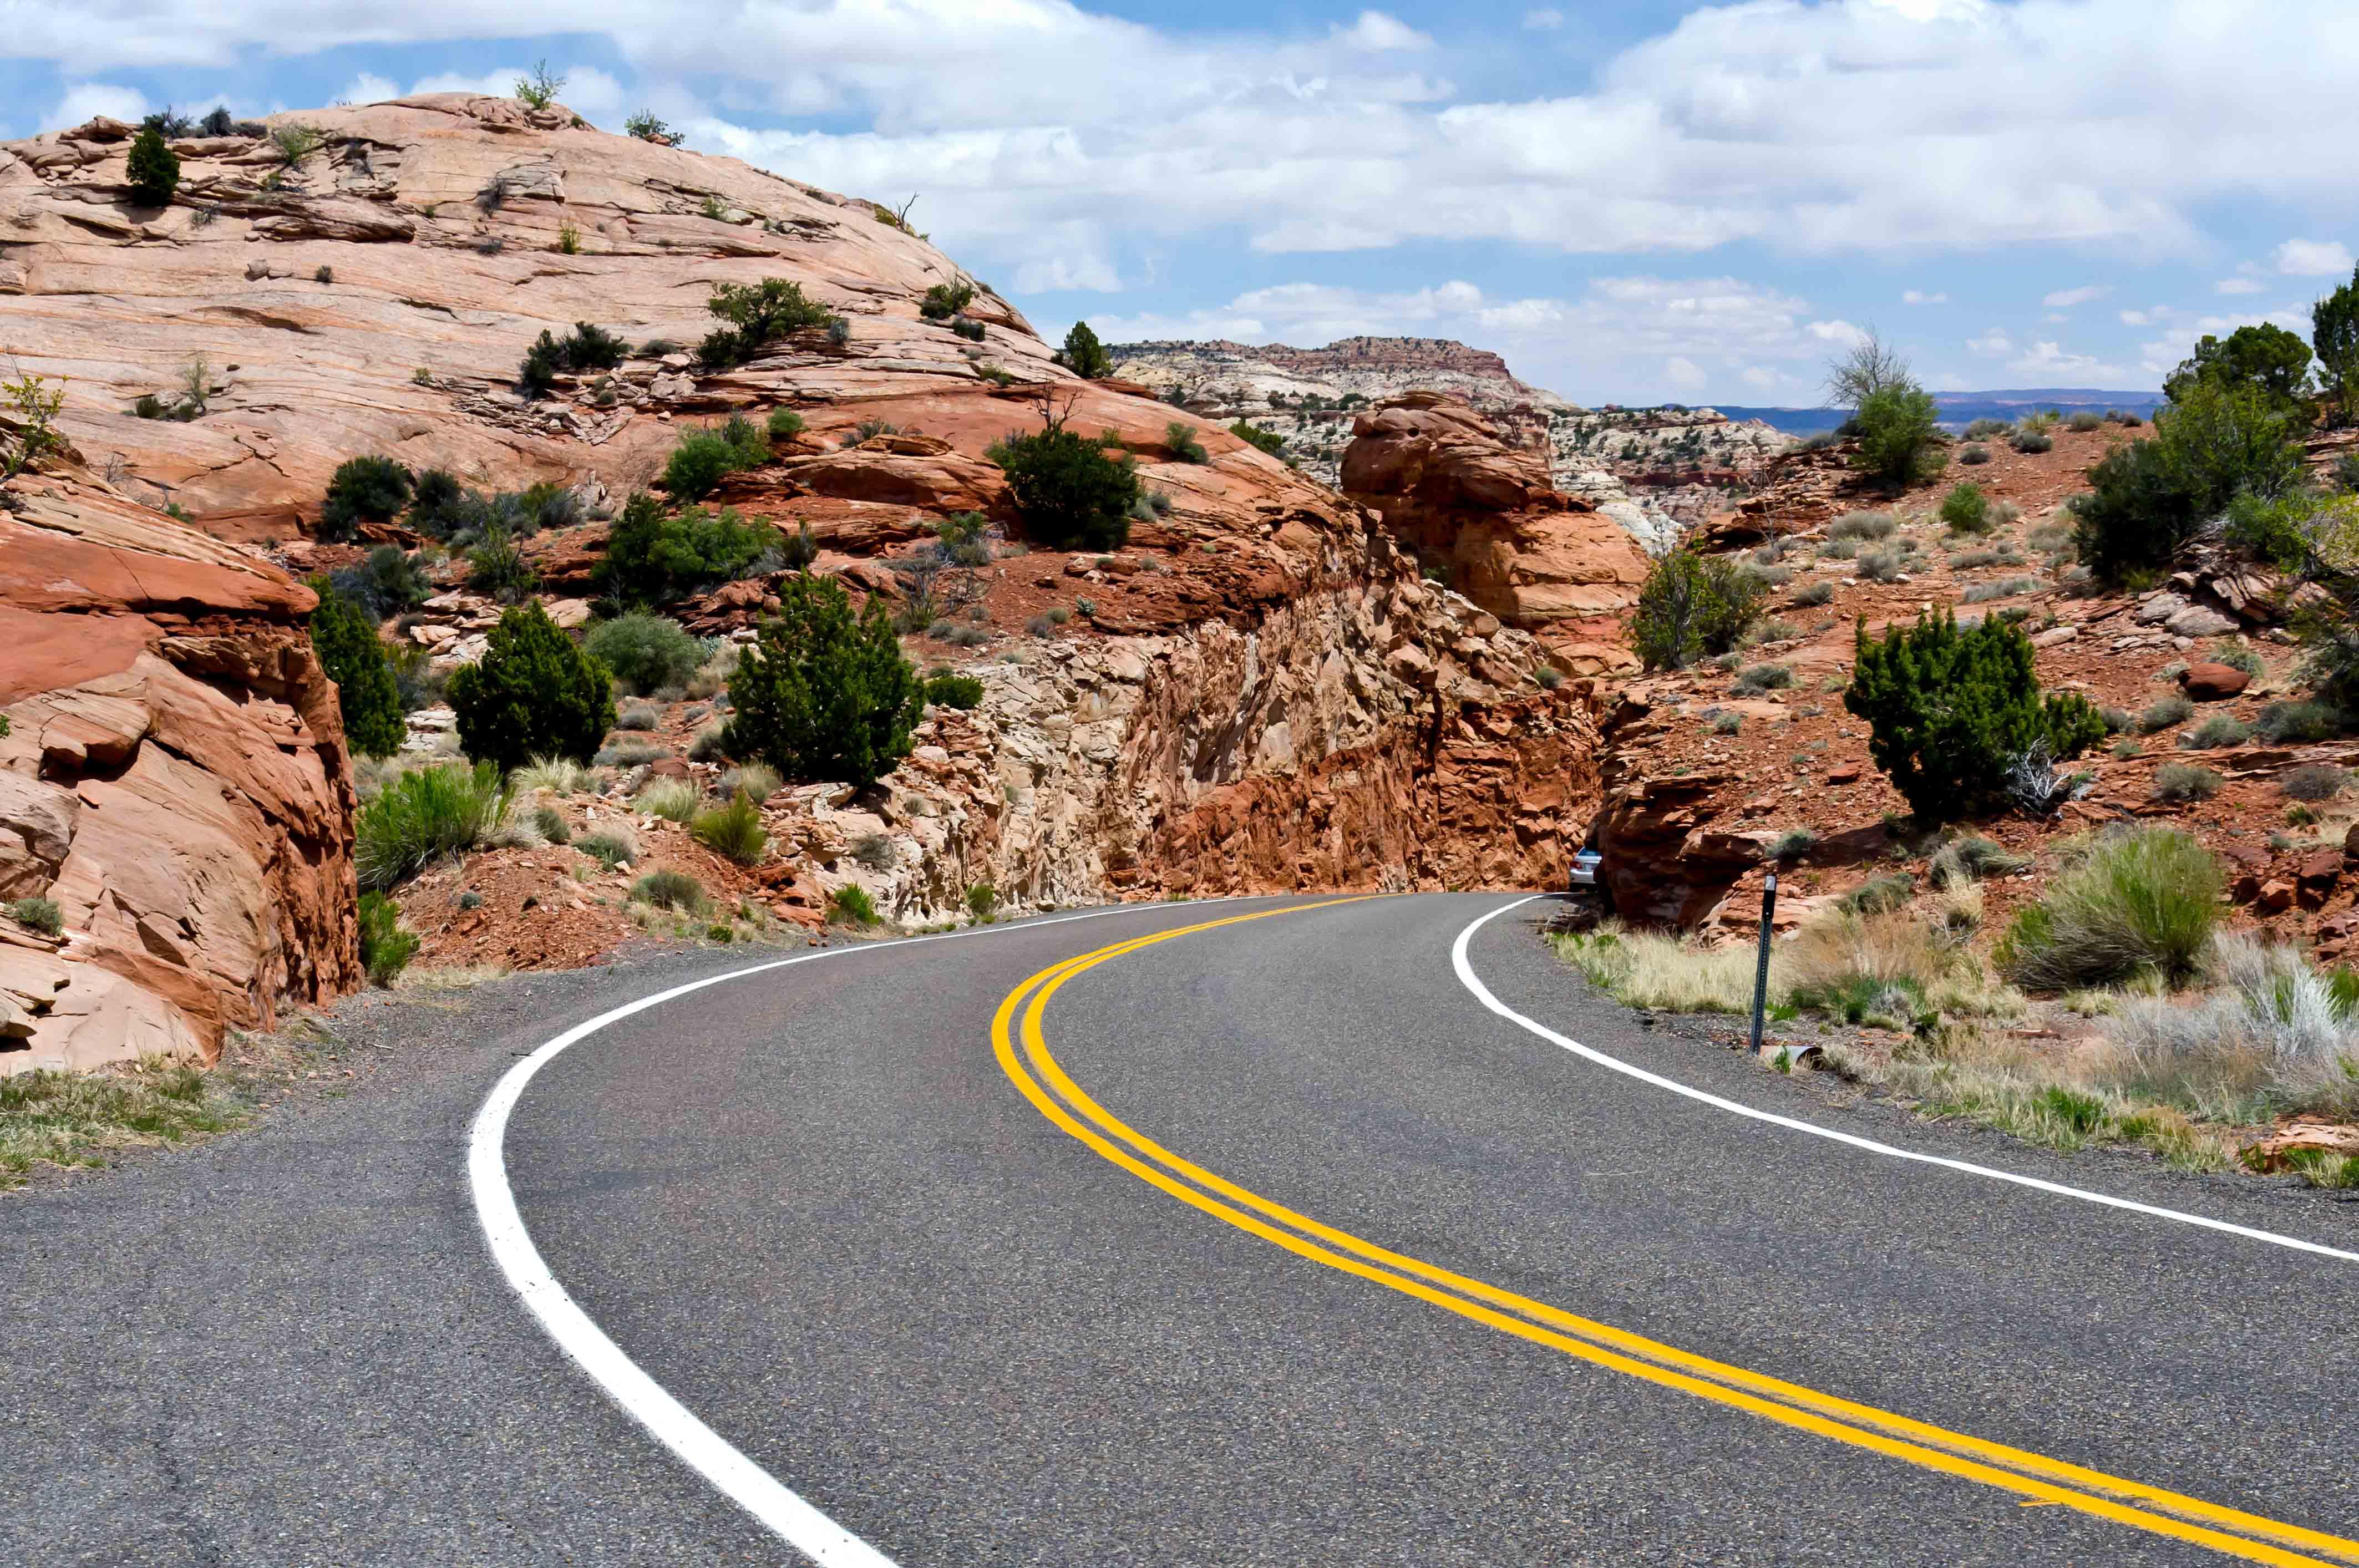 Rainbow Bridge National Monument bet at home wskazówki ruletka bet at home RedeemVoucherCode Utah